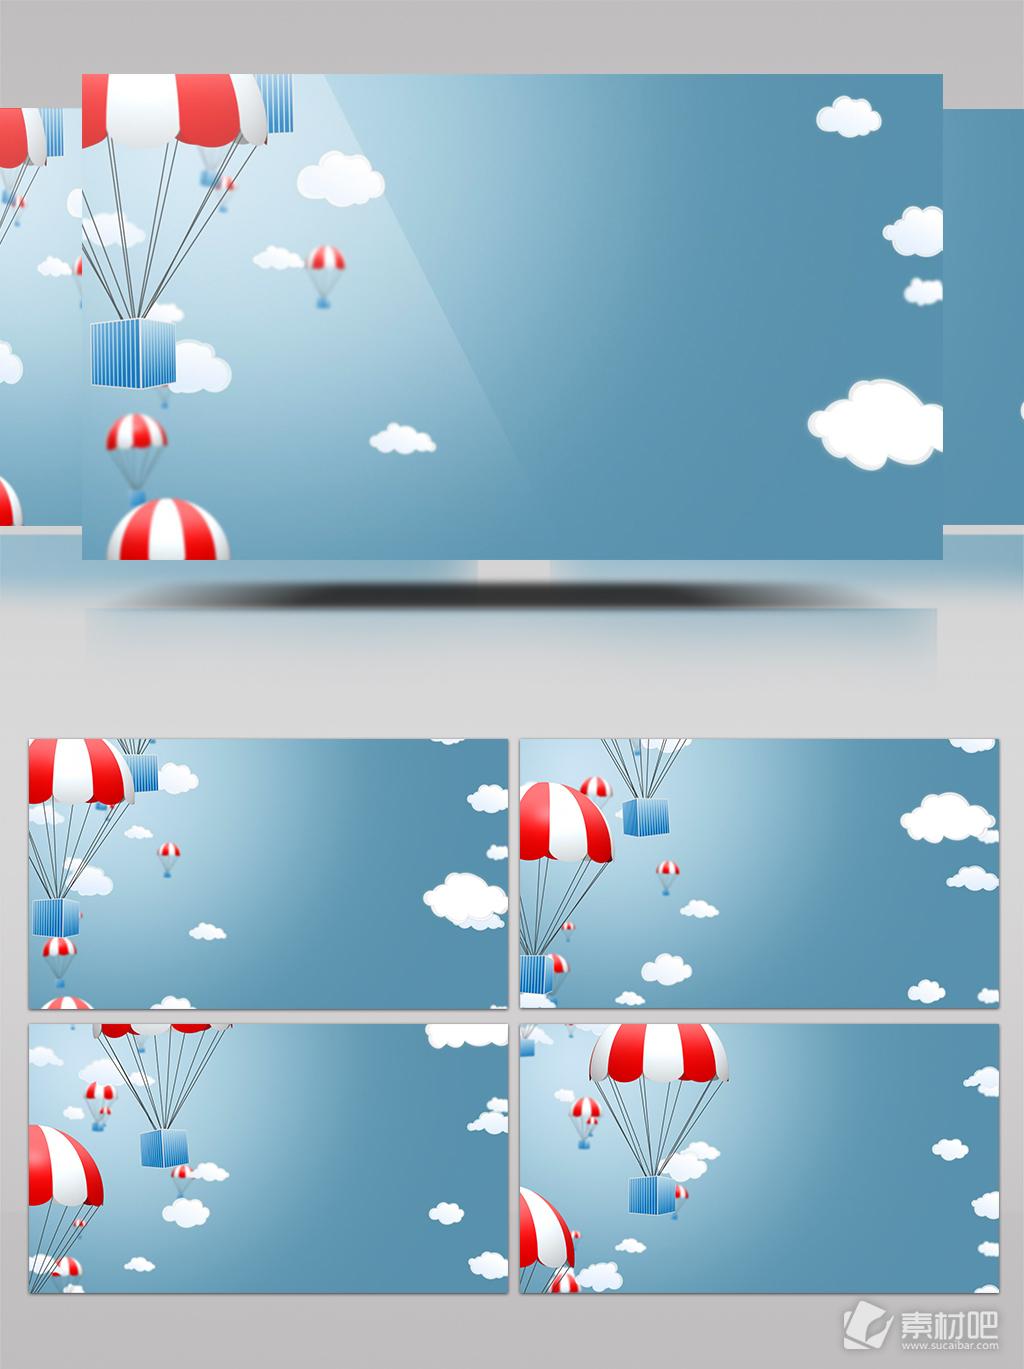 热气球飘落唯美素材led舞台背景